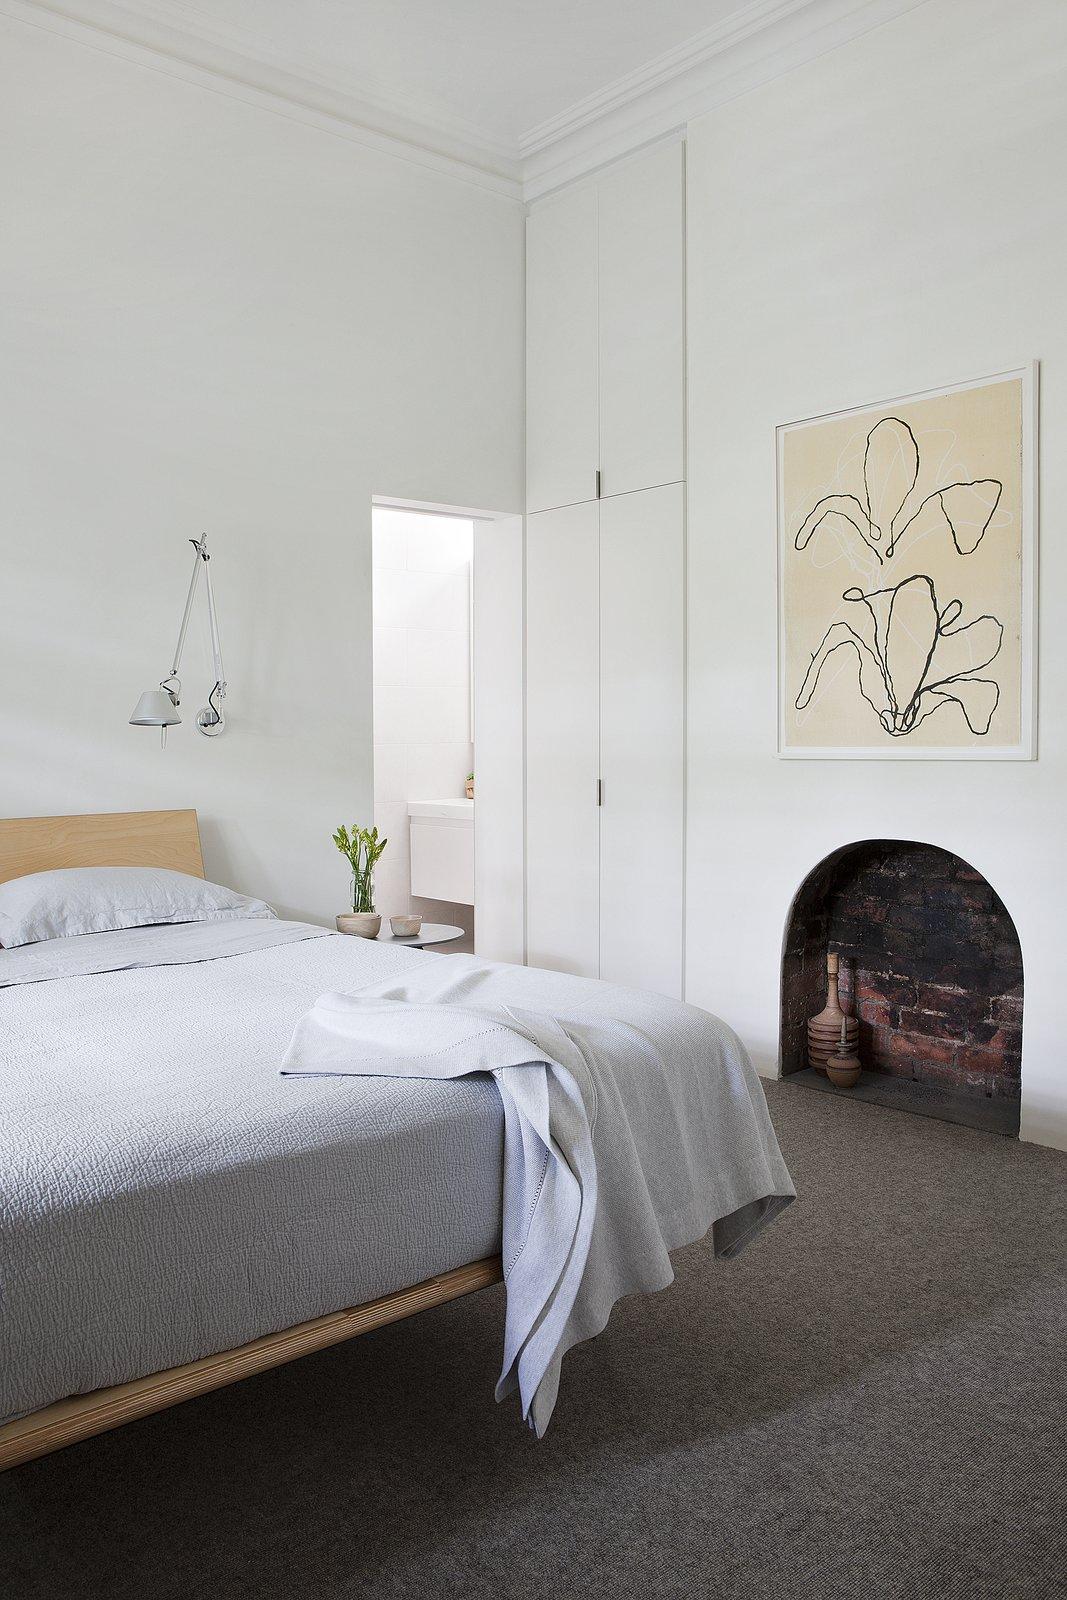 极简风格别墅卧室装修设计图